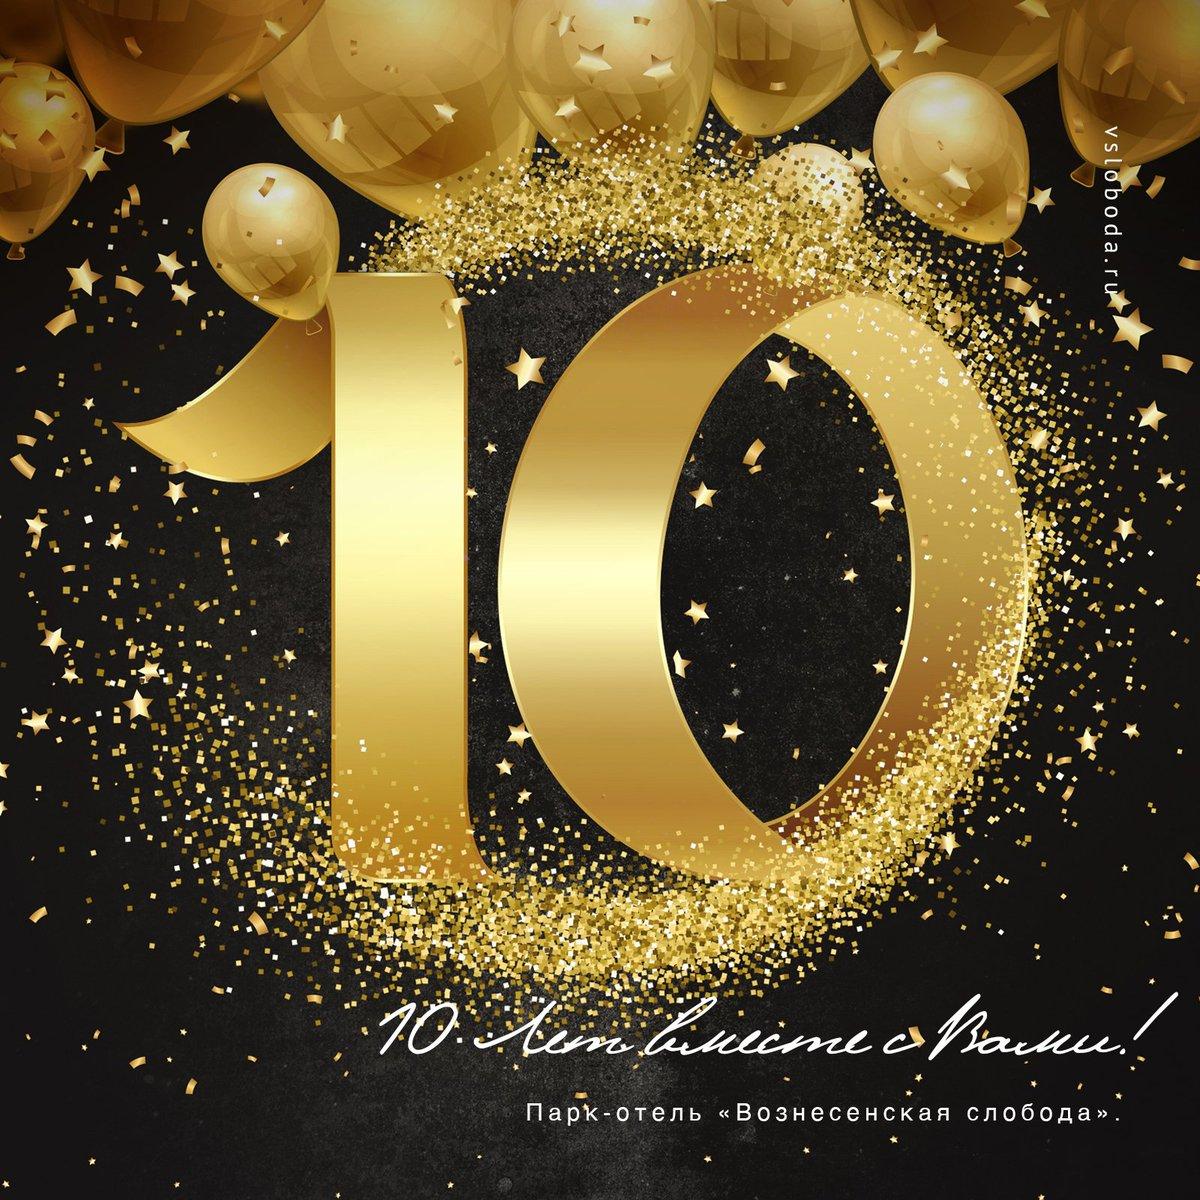 10 лет поздравление компании